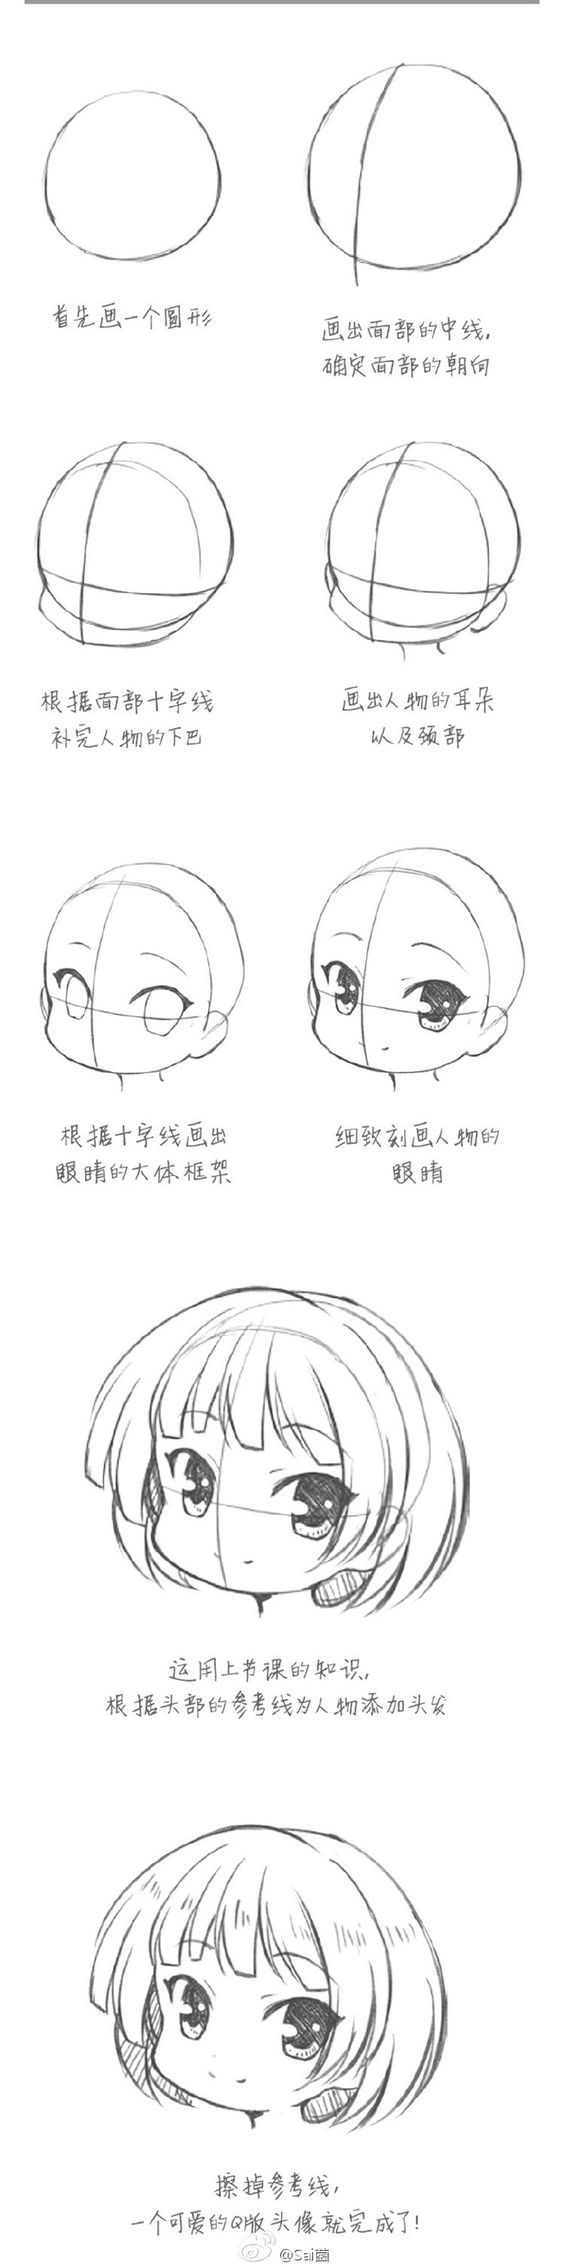 Научиться рисовать с нуля карандашом поэтапно аниме